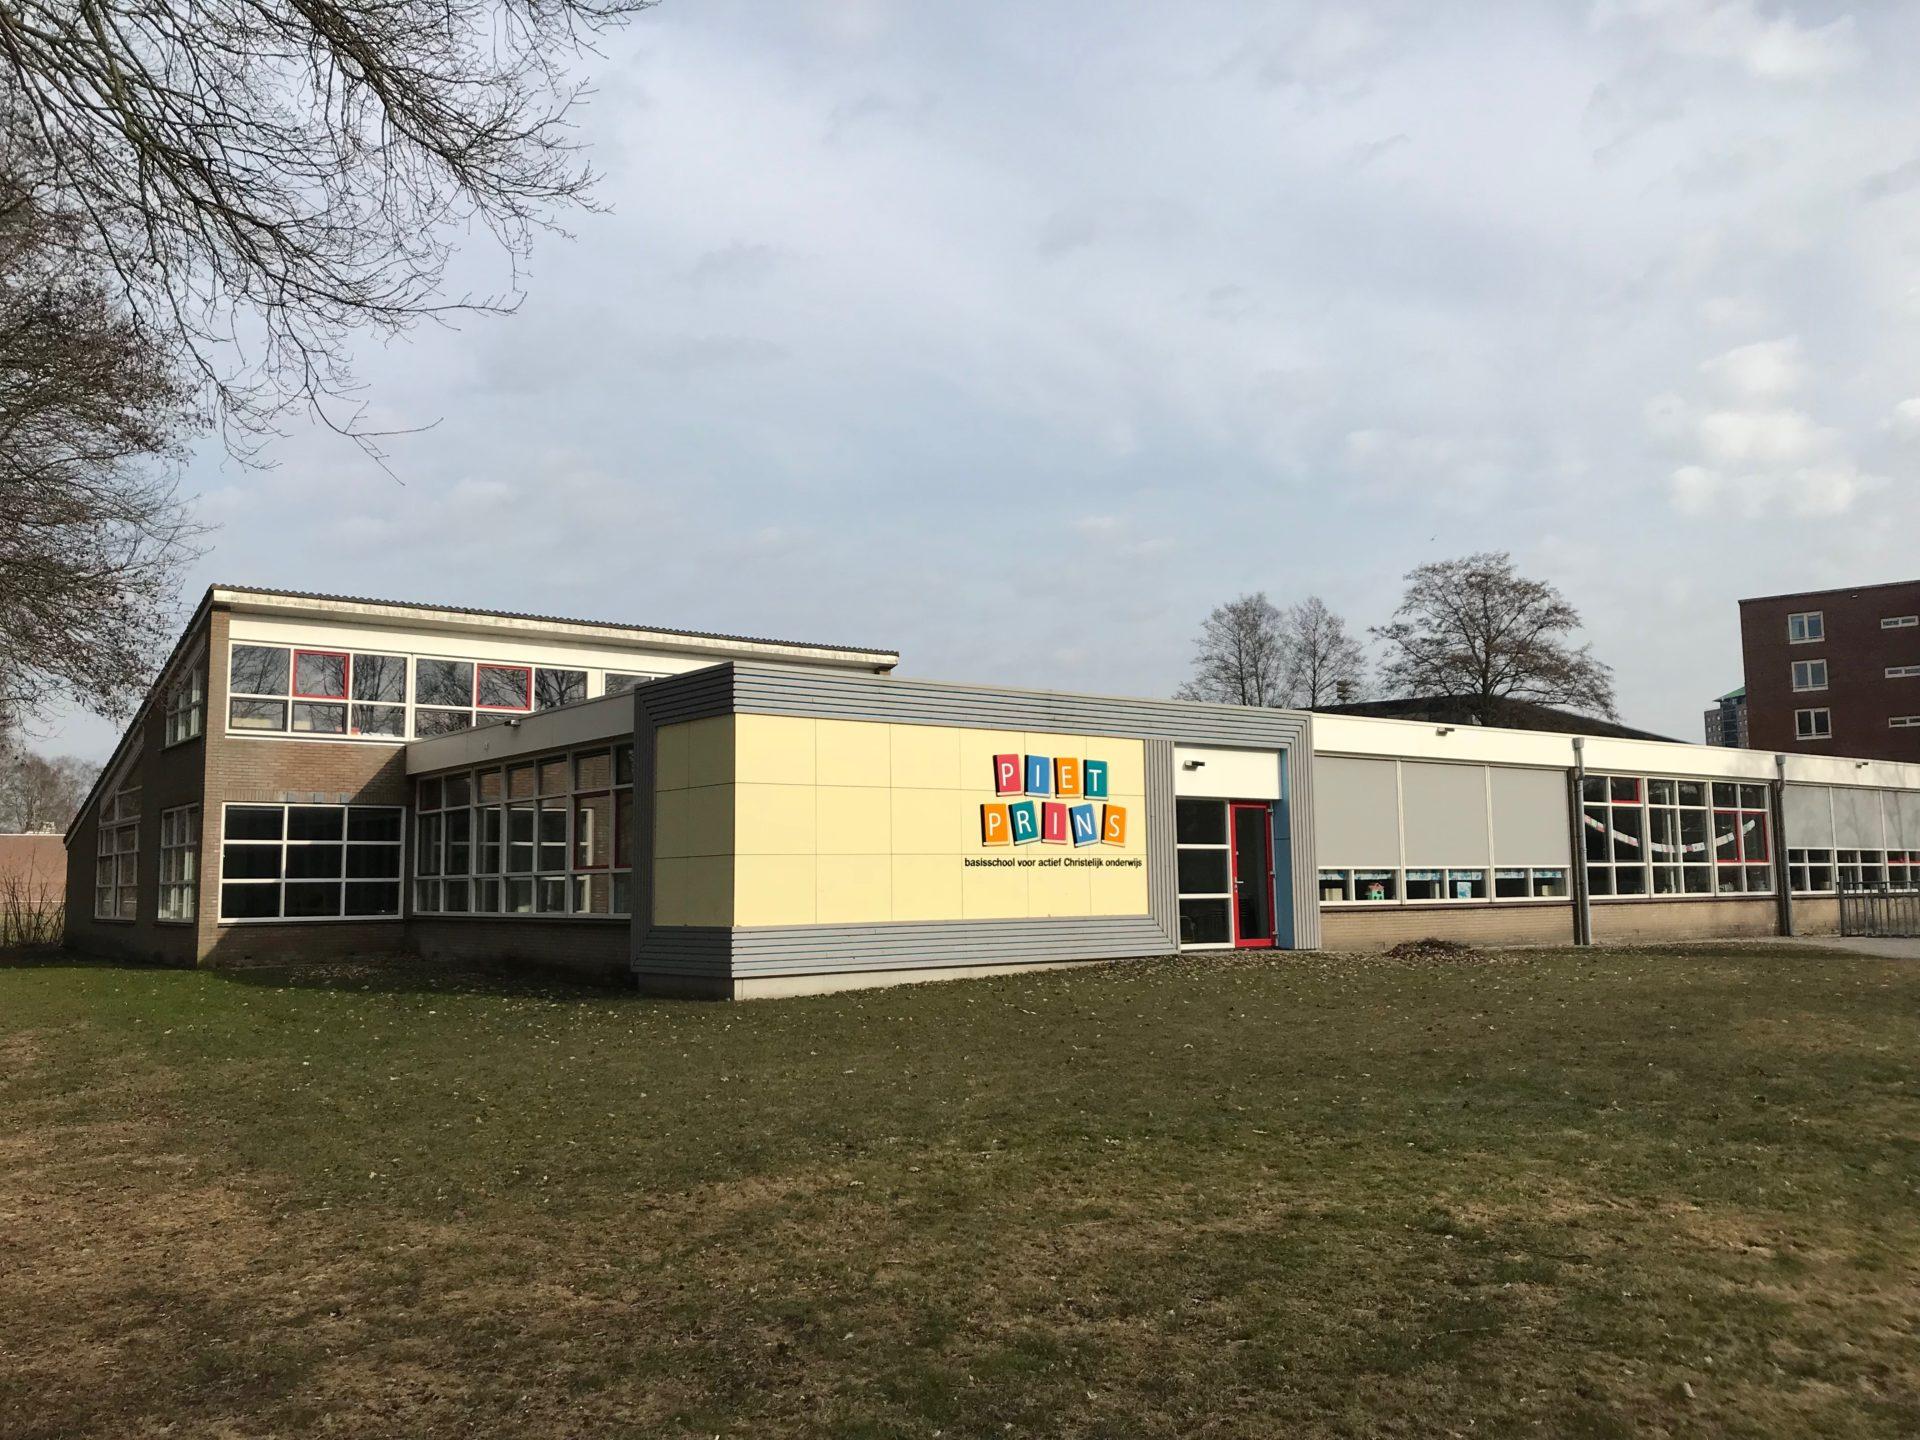 Christelijke basisschool Piet Prins Stadskanaal